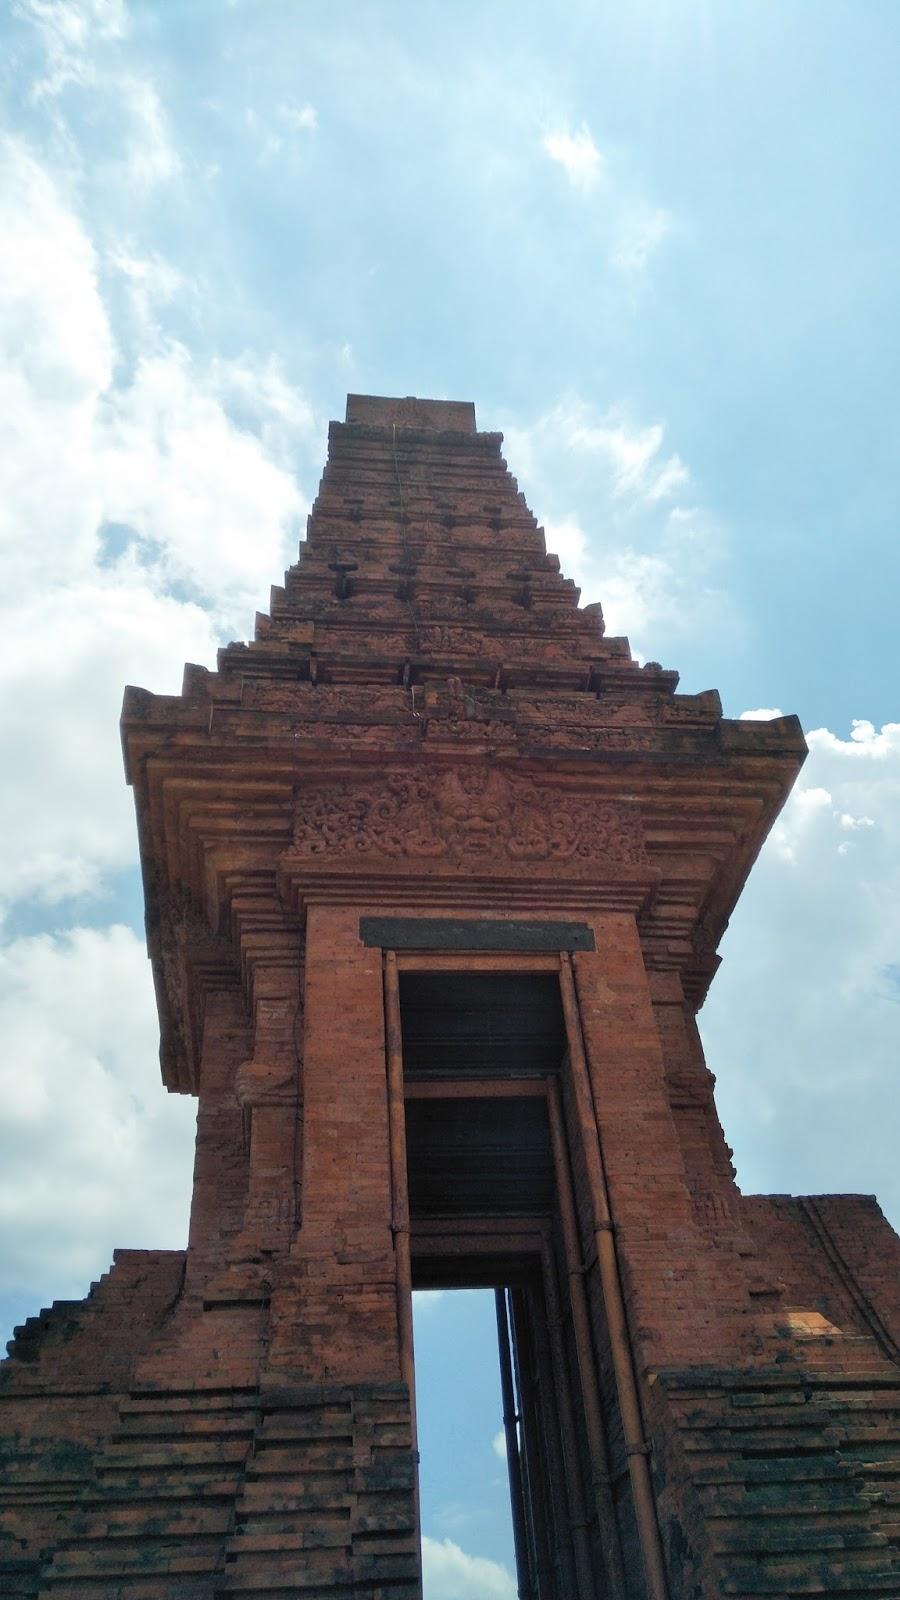 Deedandelion Candi Bajang Ratu Terletak Dukuh Kraton Desa Temon Kecamatan